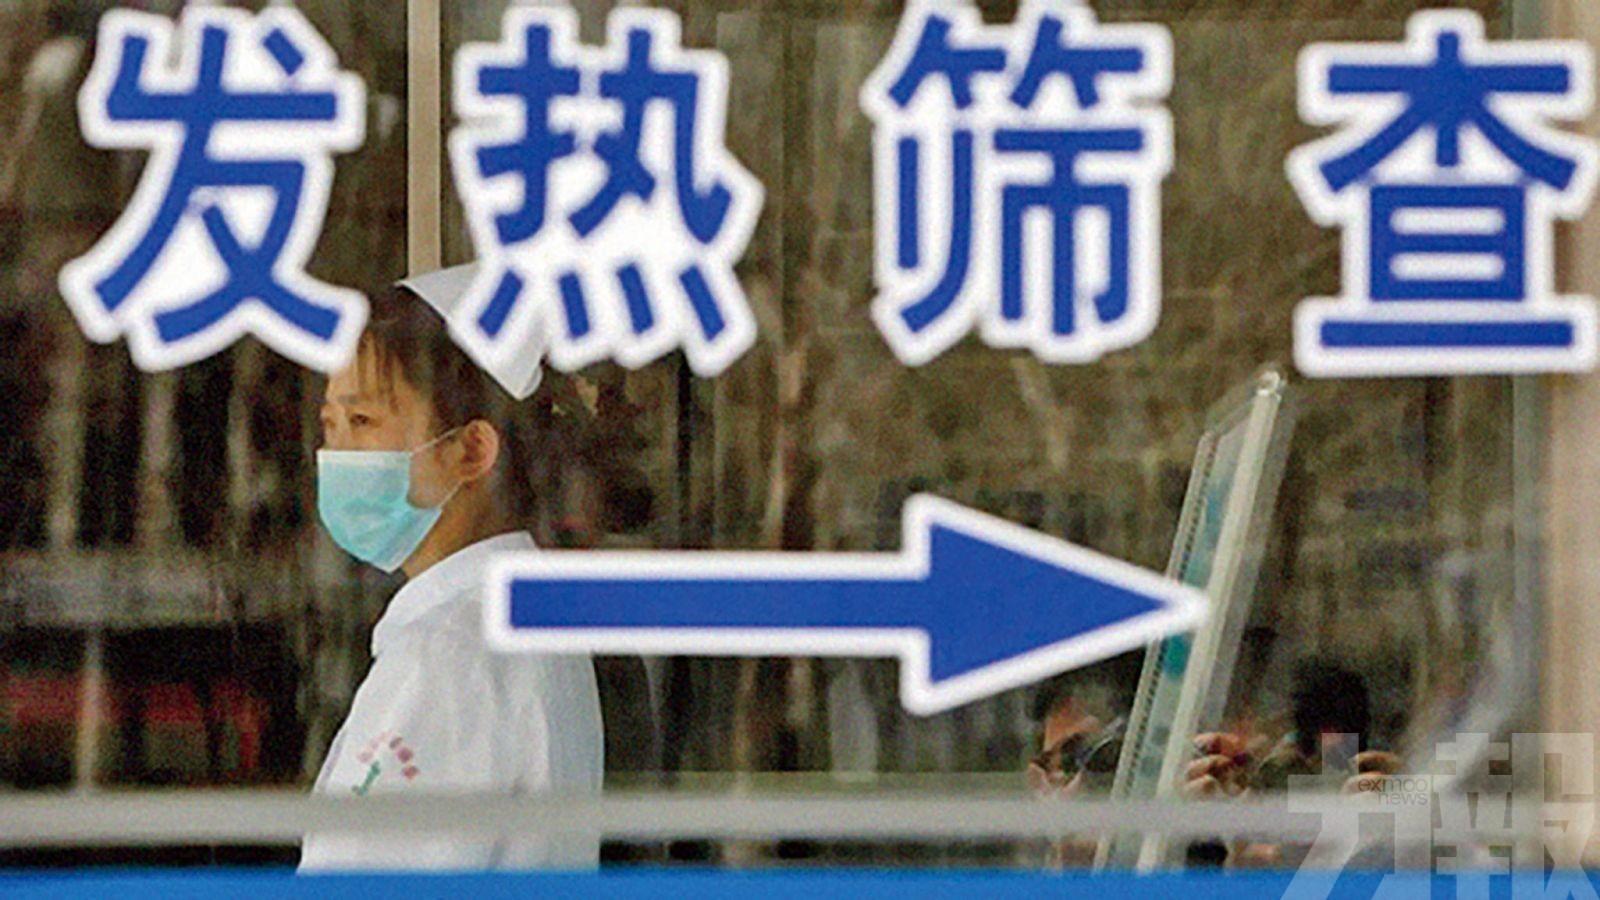 京鼠疫病例一危重一穩定